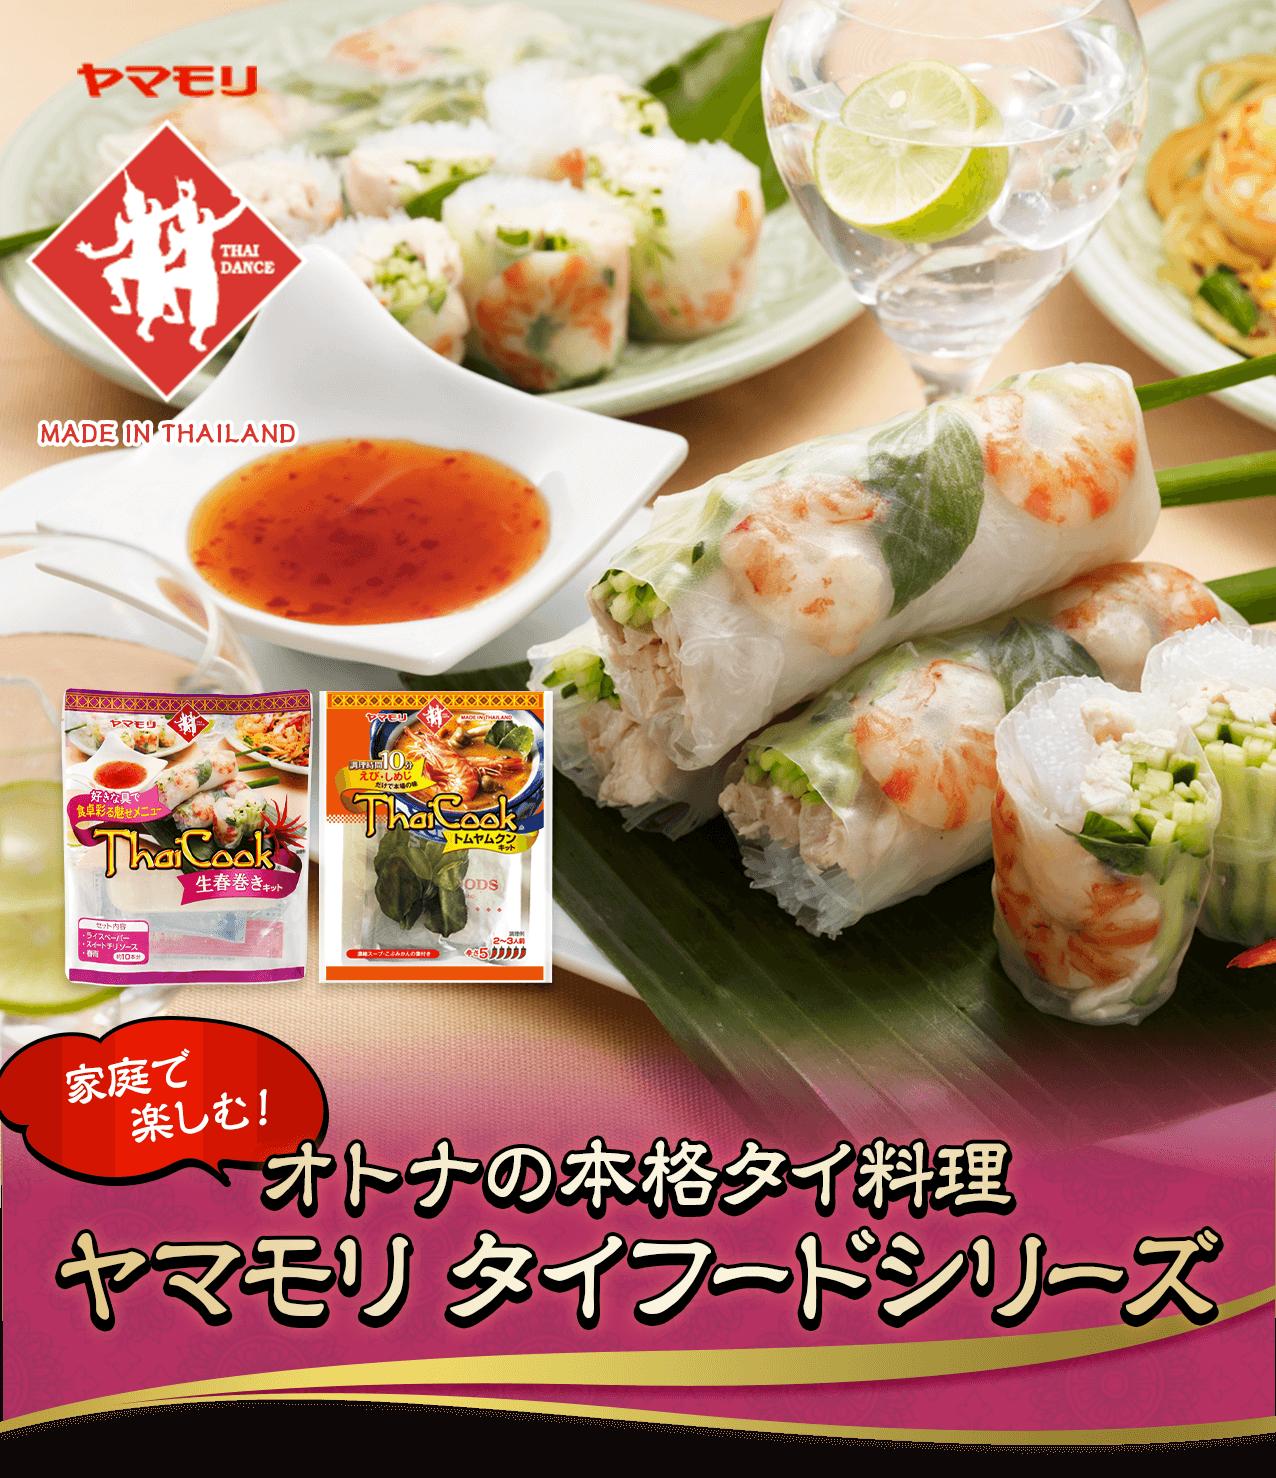 家庭で楽しむオトナの本格タイ料理 ヤマモリ タイフードシリーズ